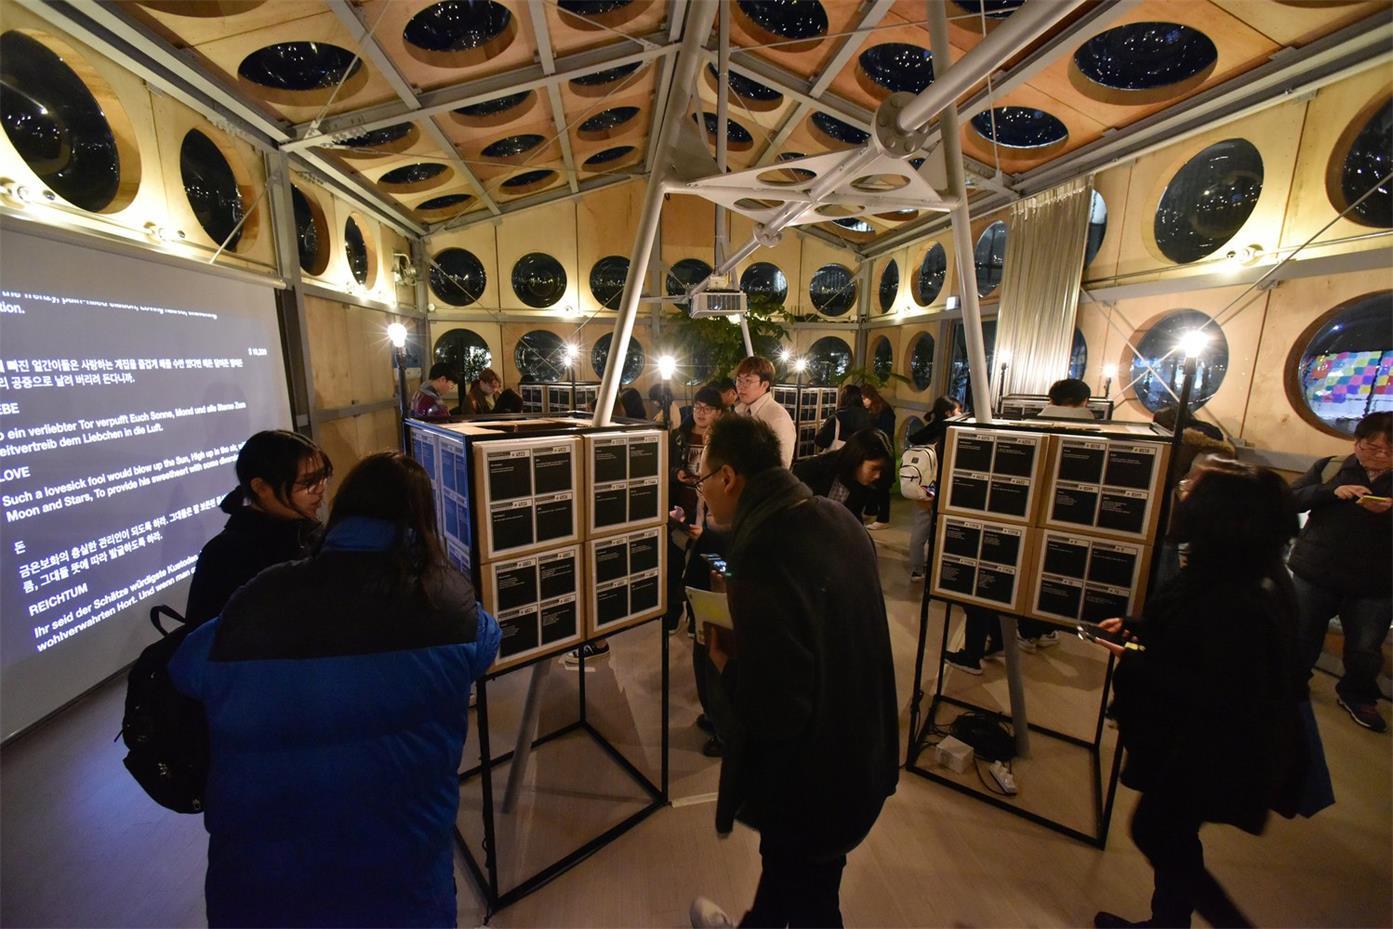 艺术装置内正在举行展览活动的场景